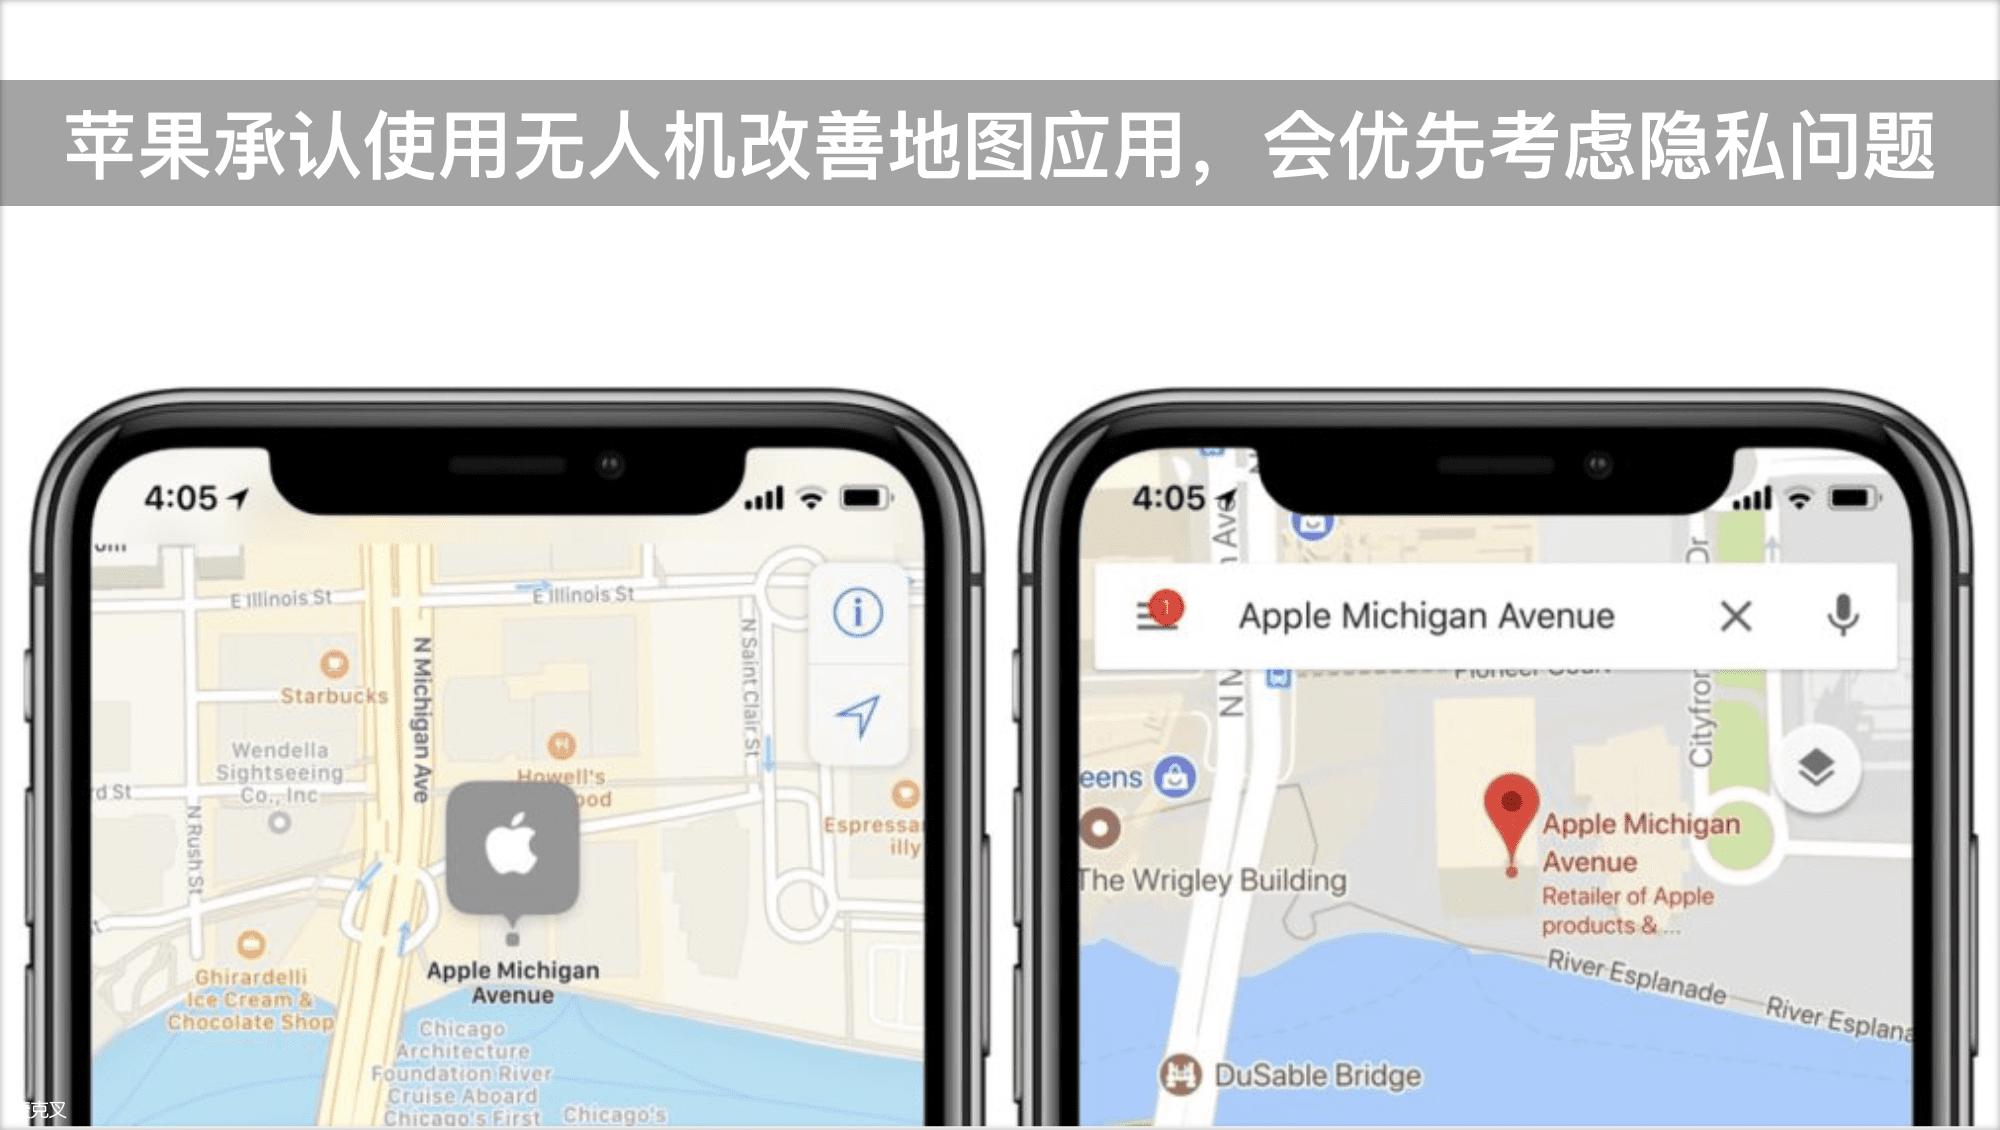 苹果承认使用无人机改善地图应用,会优先考虑隐私问题